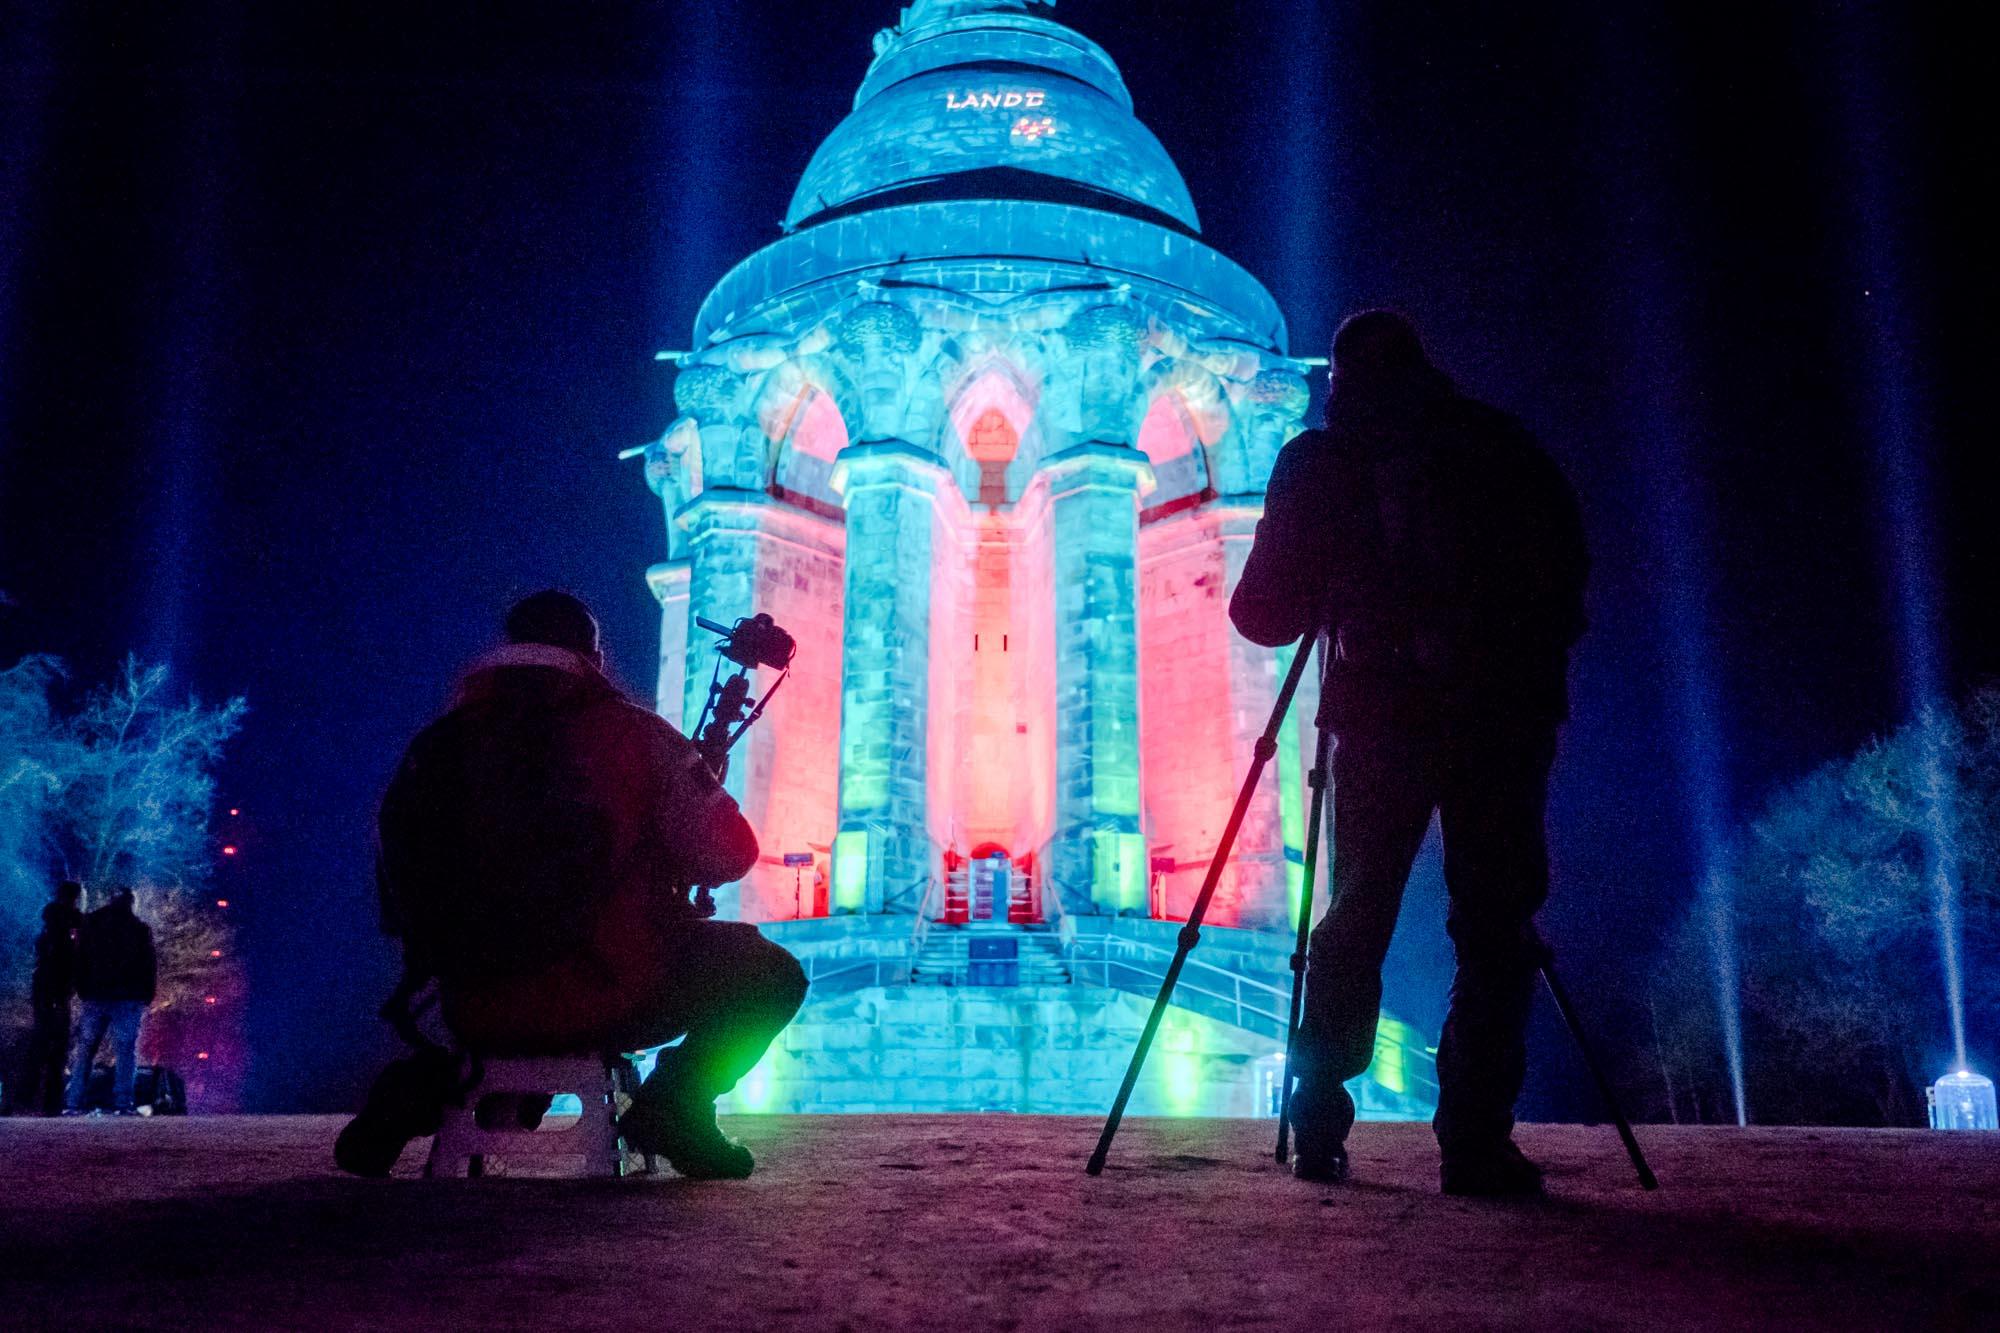 Hermann leuchtet 2018 Hermannsdenkmal